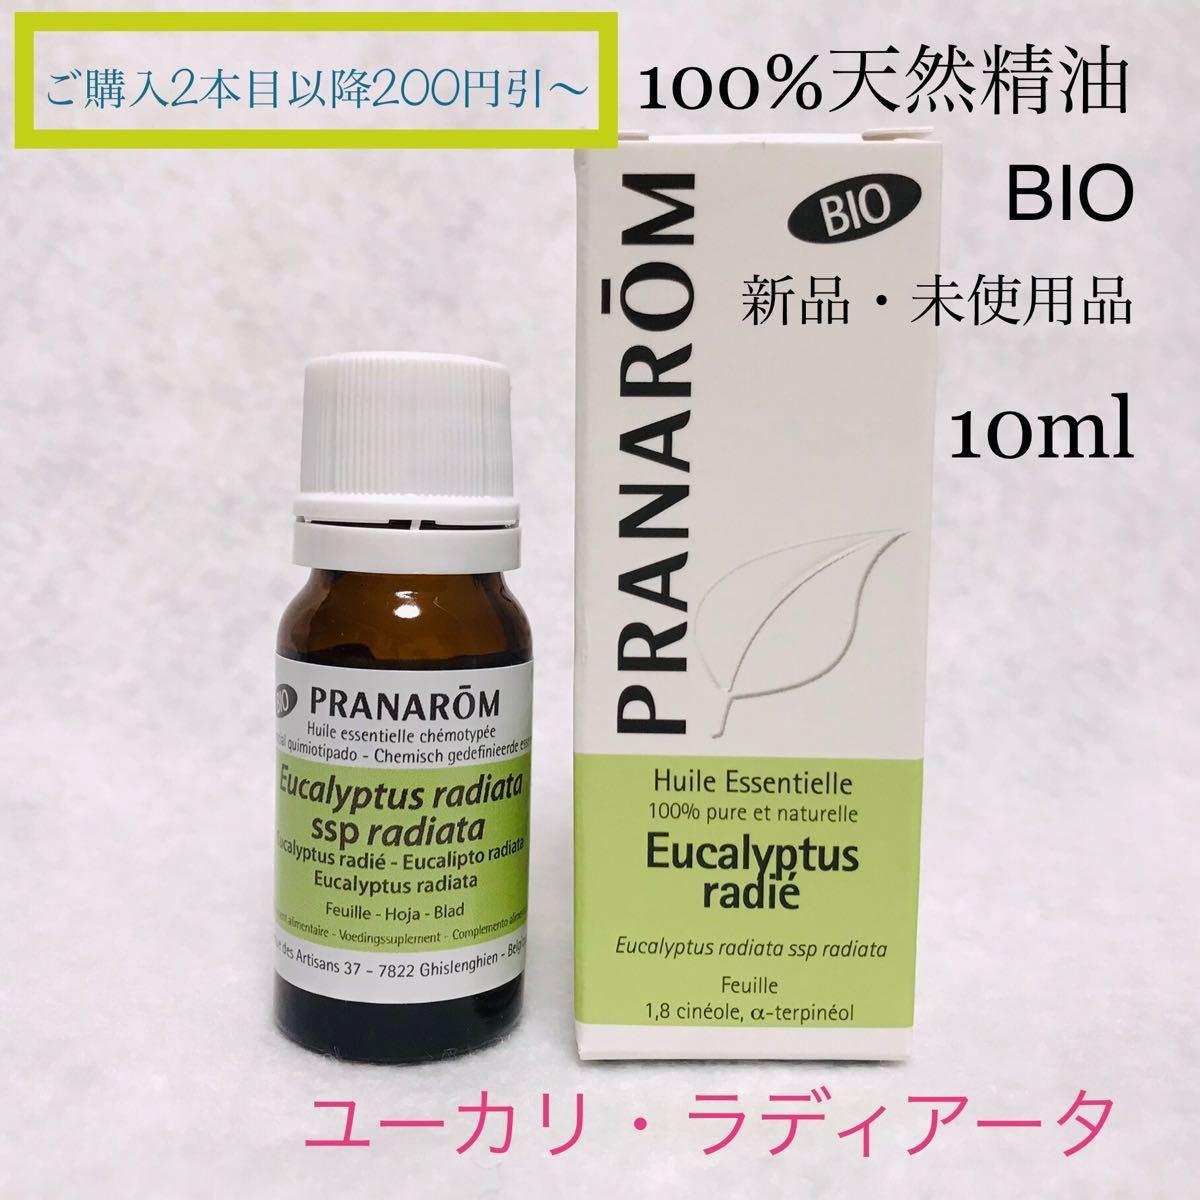 新品プラナロム100%天然精油BIOユーカリ・ラディアータ10ml